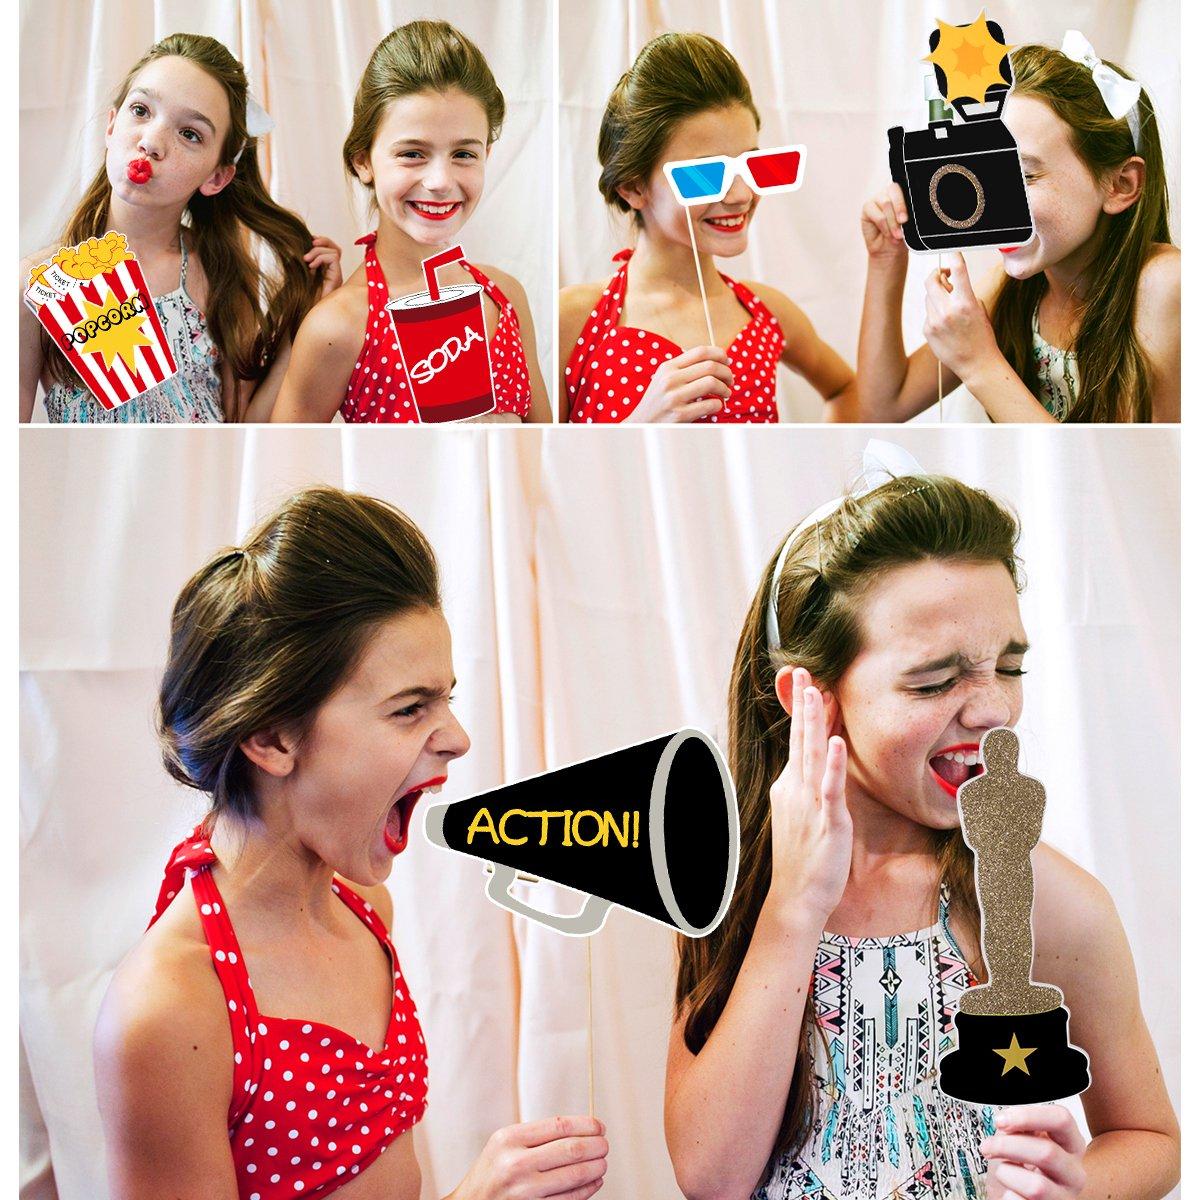 LUOEM Hollywood Photo Booth Props Hollywood Style Photo Props Despedida de Soltera Decoraci/ón de la Boda Bigote Fiesta de Cumplea/ños Suministros 21Pcs